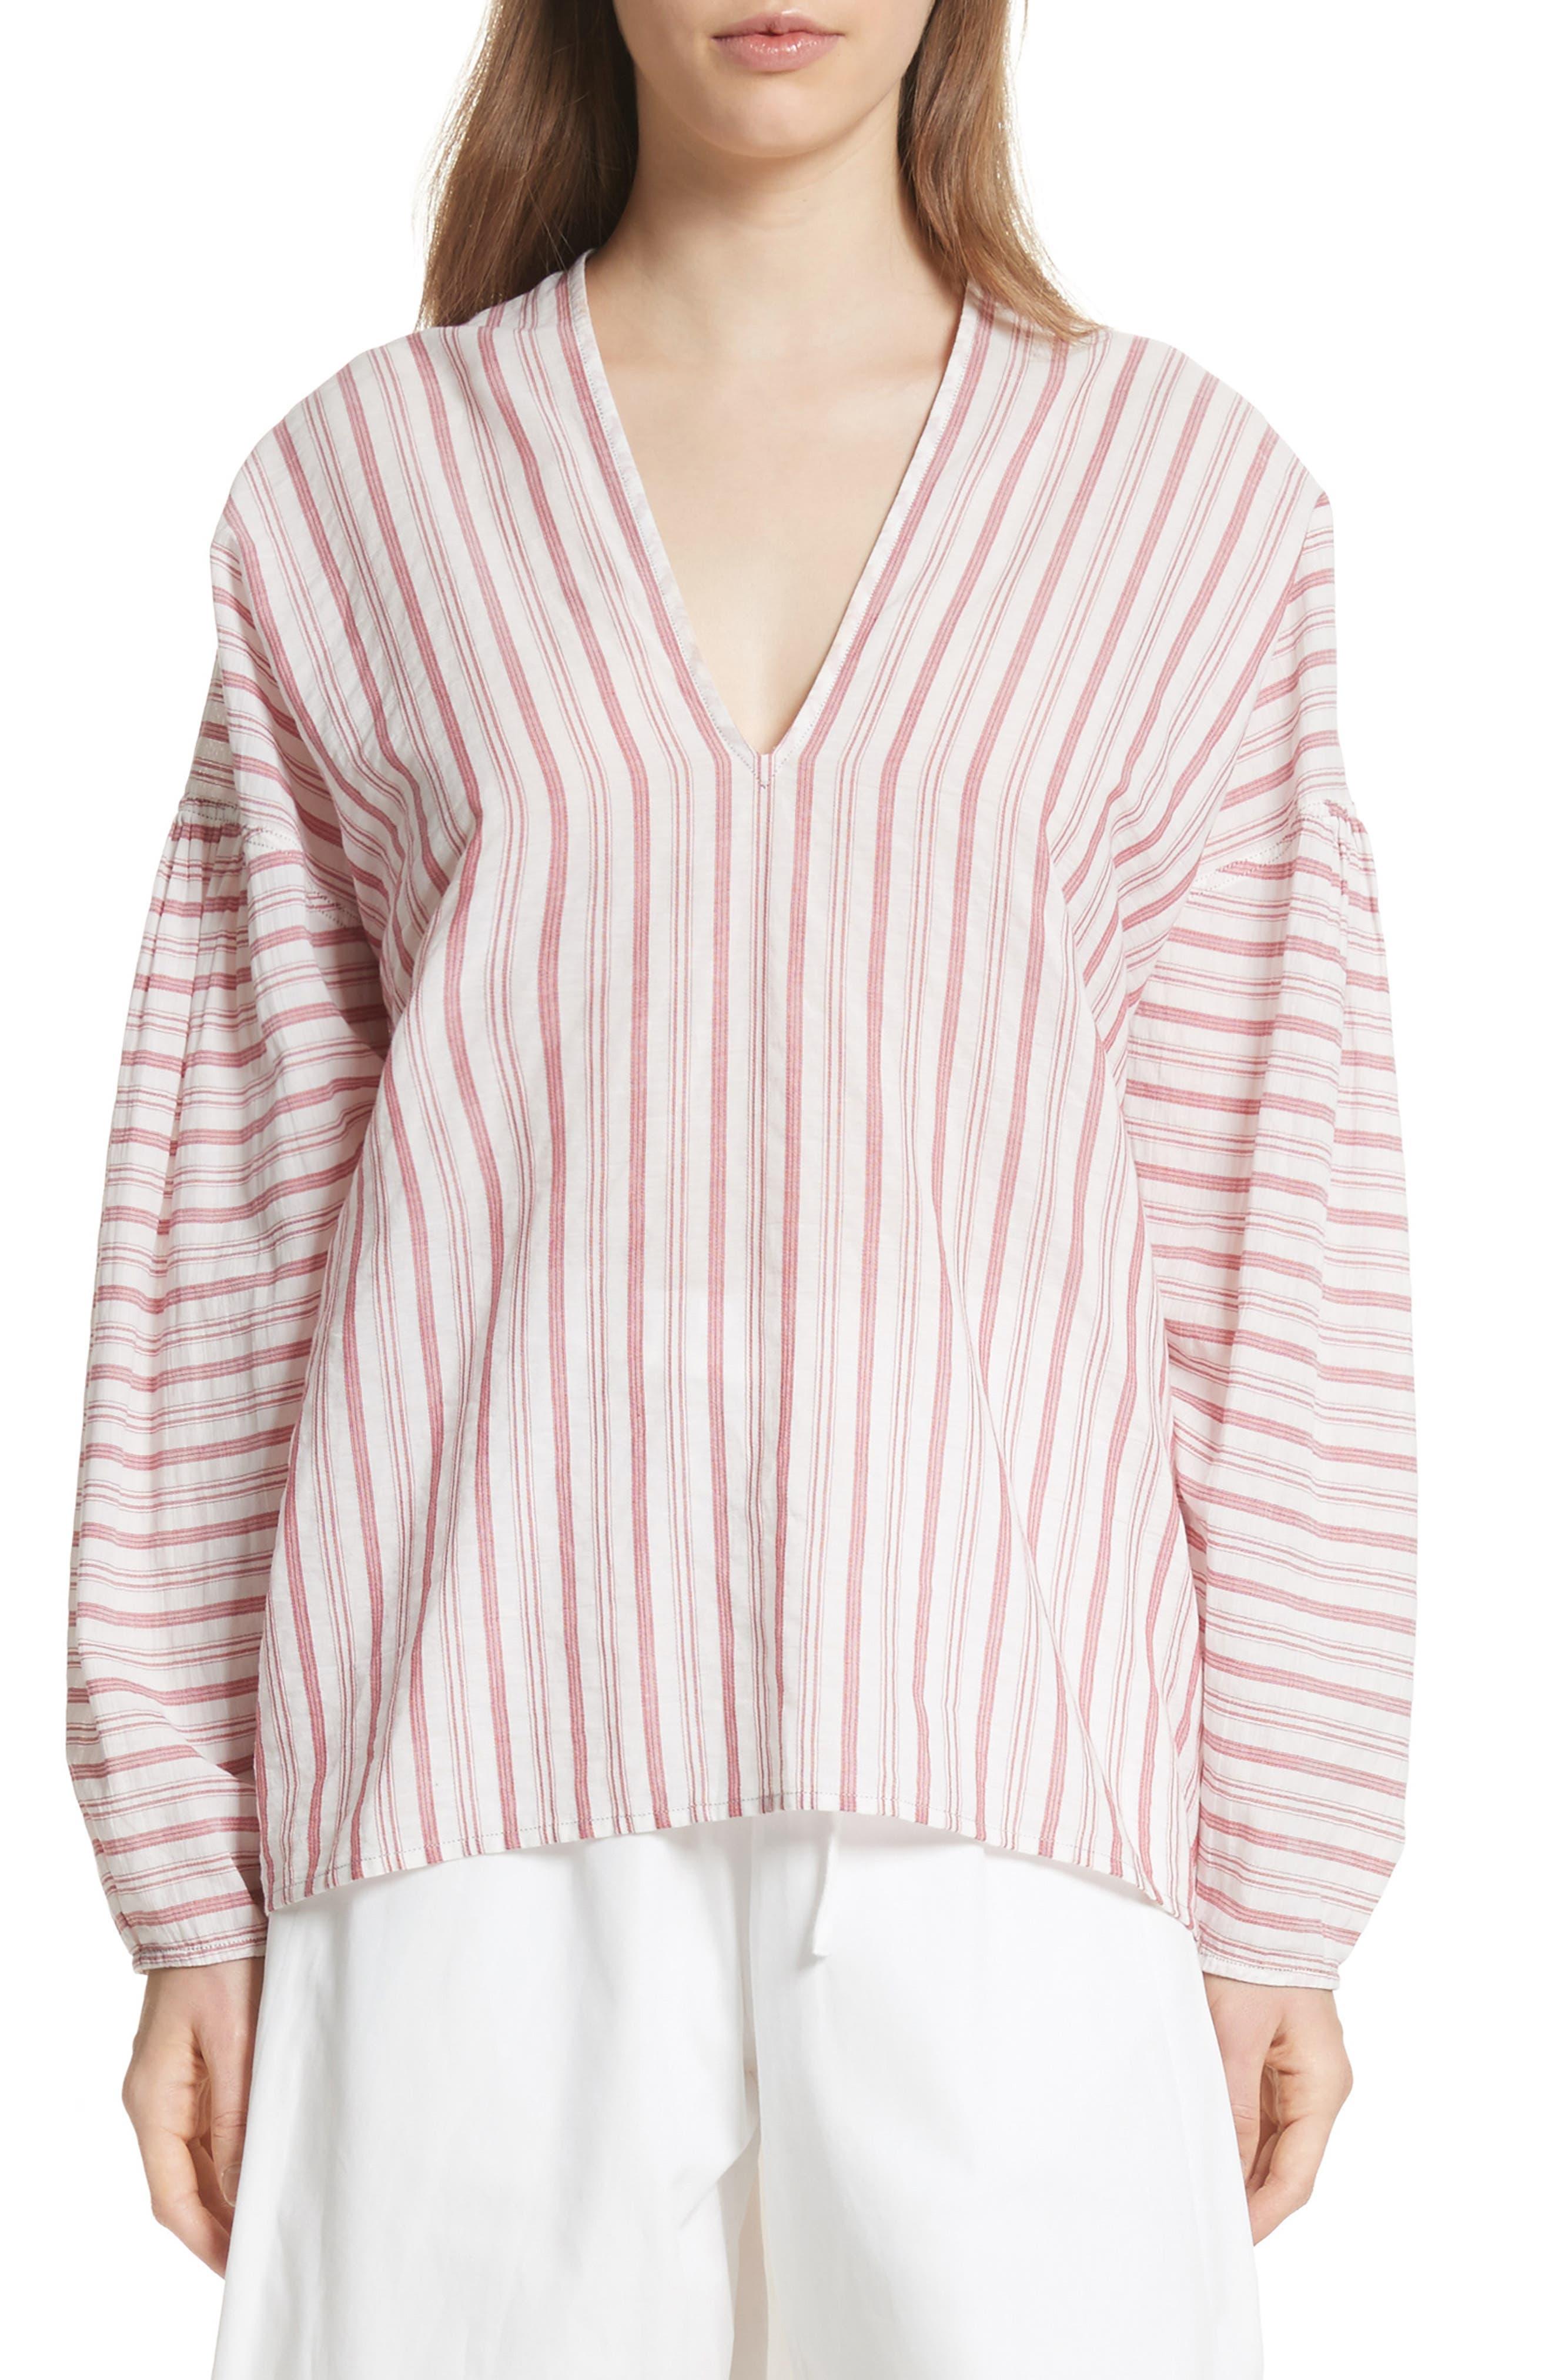 Stripe Cotton Top,                             Main thumbnail 1, color,                             604